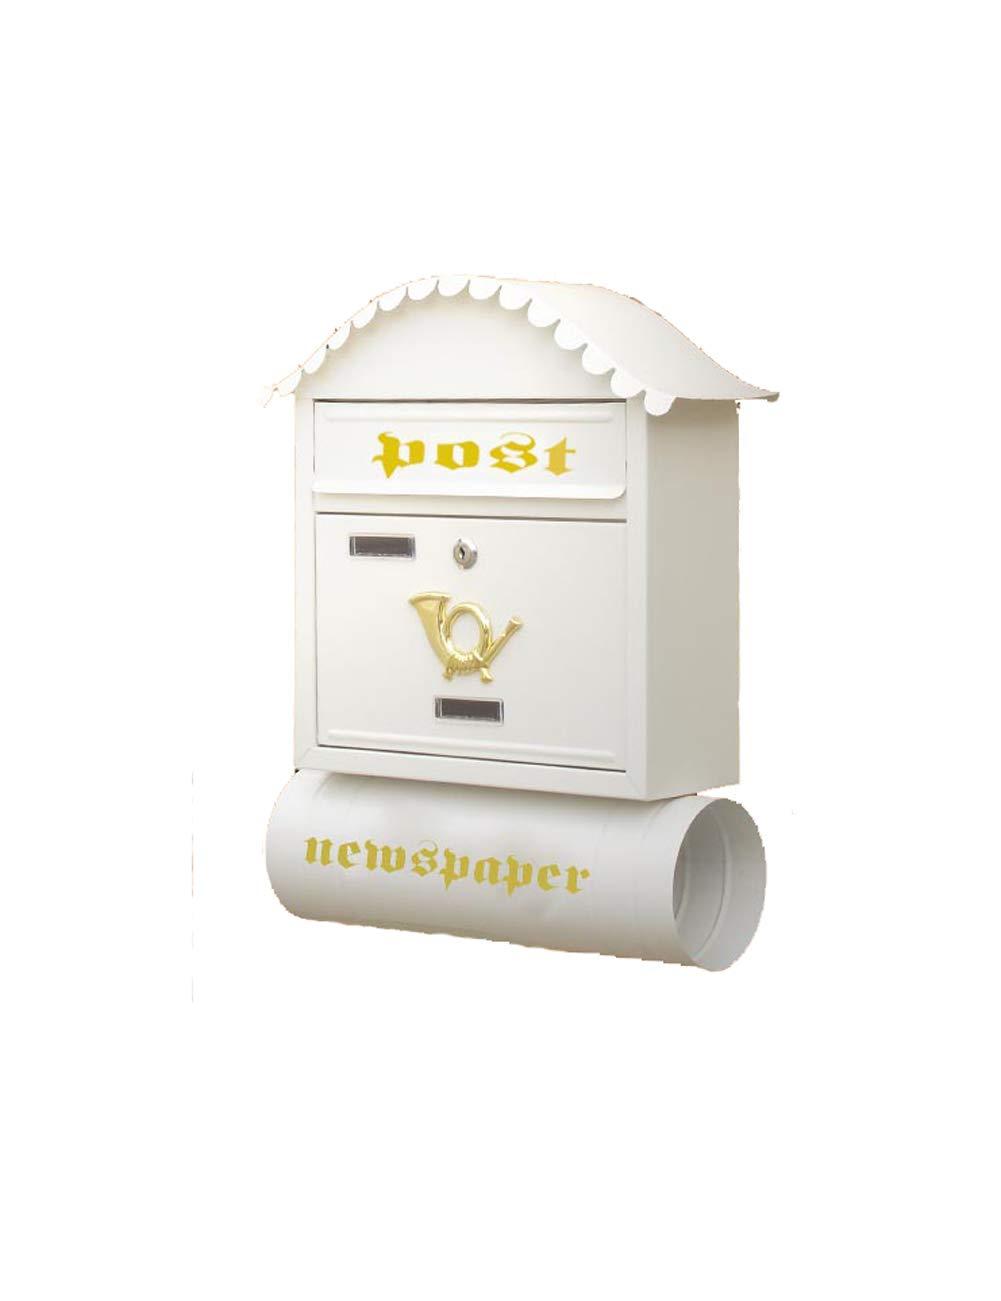 NN 新聞チューブ付きのメールボックスクリエイティブコテージのメールボックスガーデン壁掛けのメールボックス ホームセンター   B07T2MG7R7